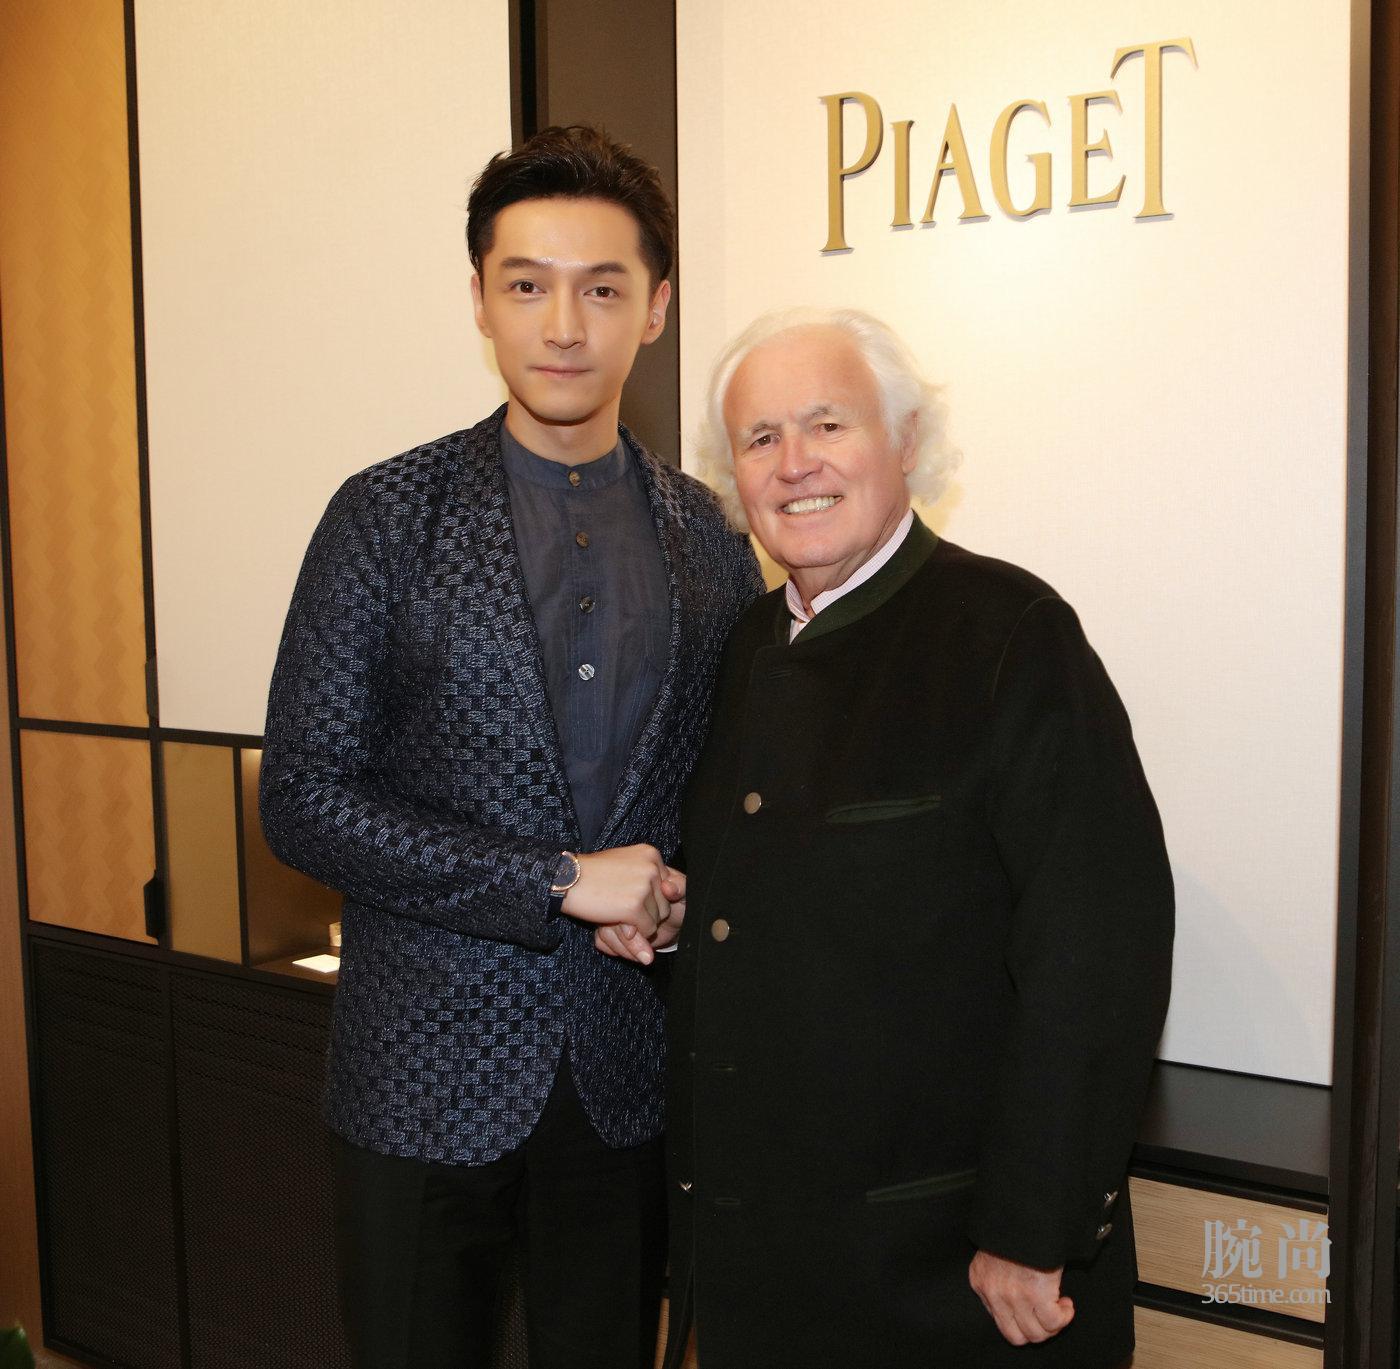 伯爵家族第四代传人Yves PIAGET先生与伯爵品牌推广大使胡歌.jpg